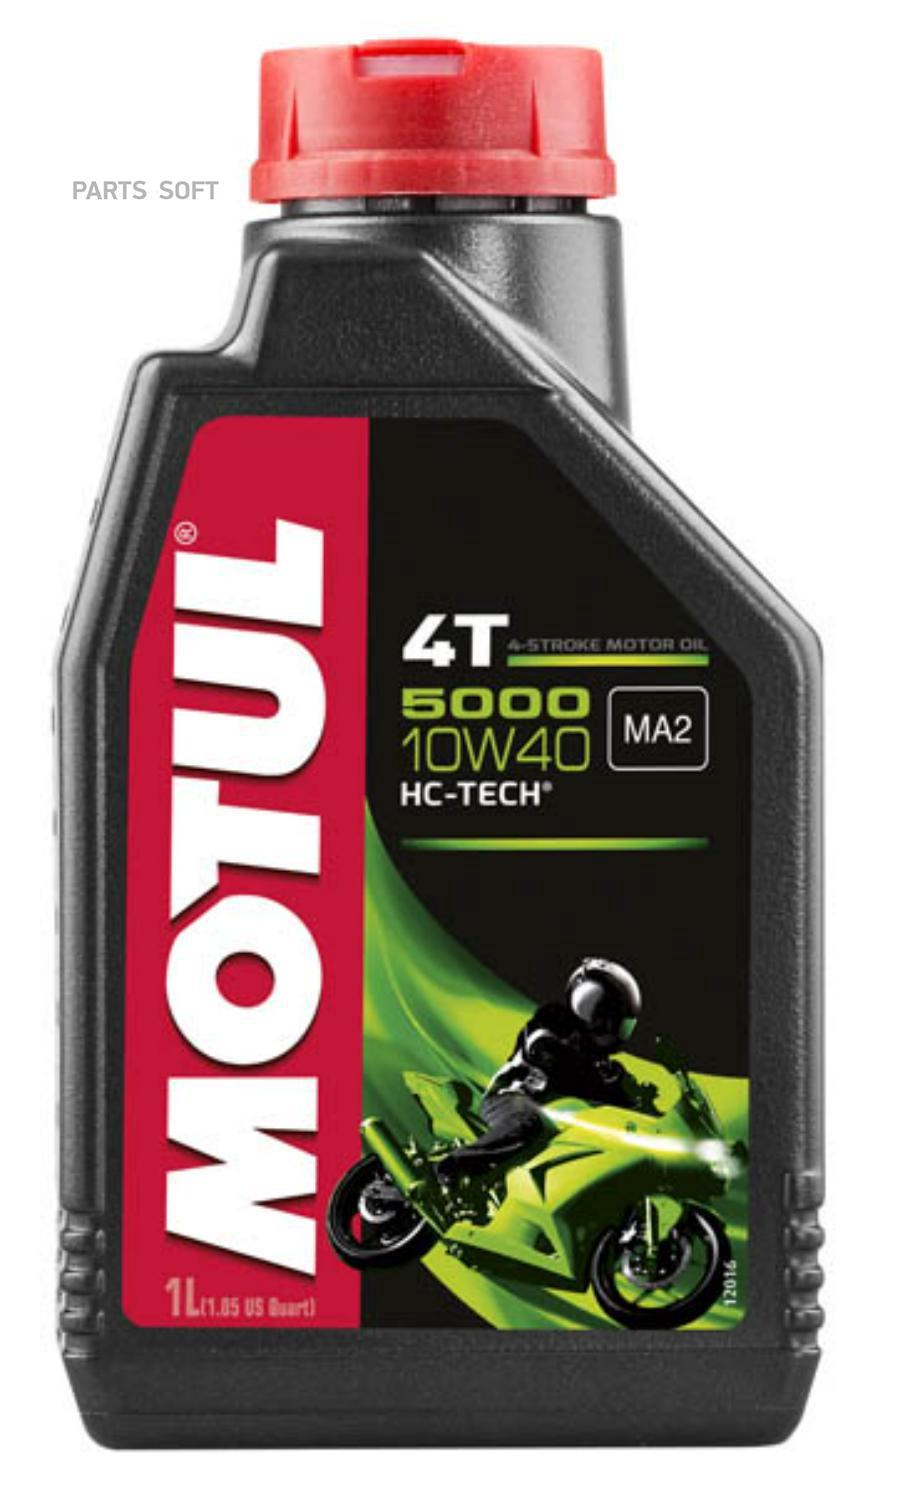 MOTUL 5000 4T 10W-40 SL, M2 (синт) 1л масло моторное для мотоциклов HC-Tech (12)